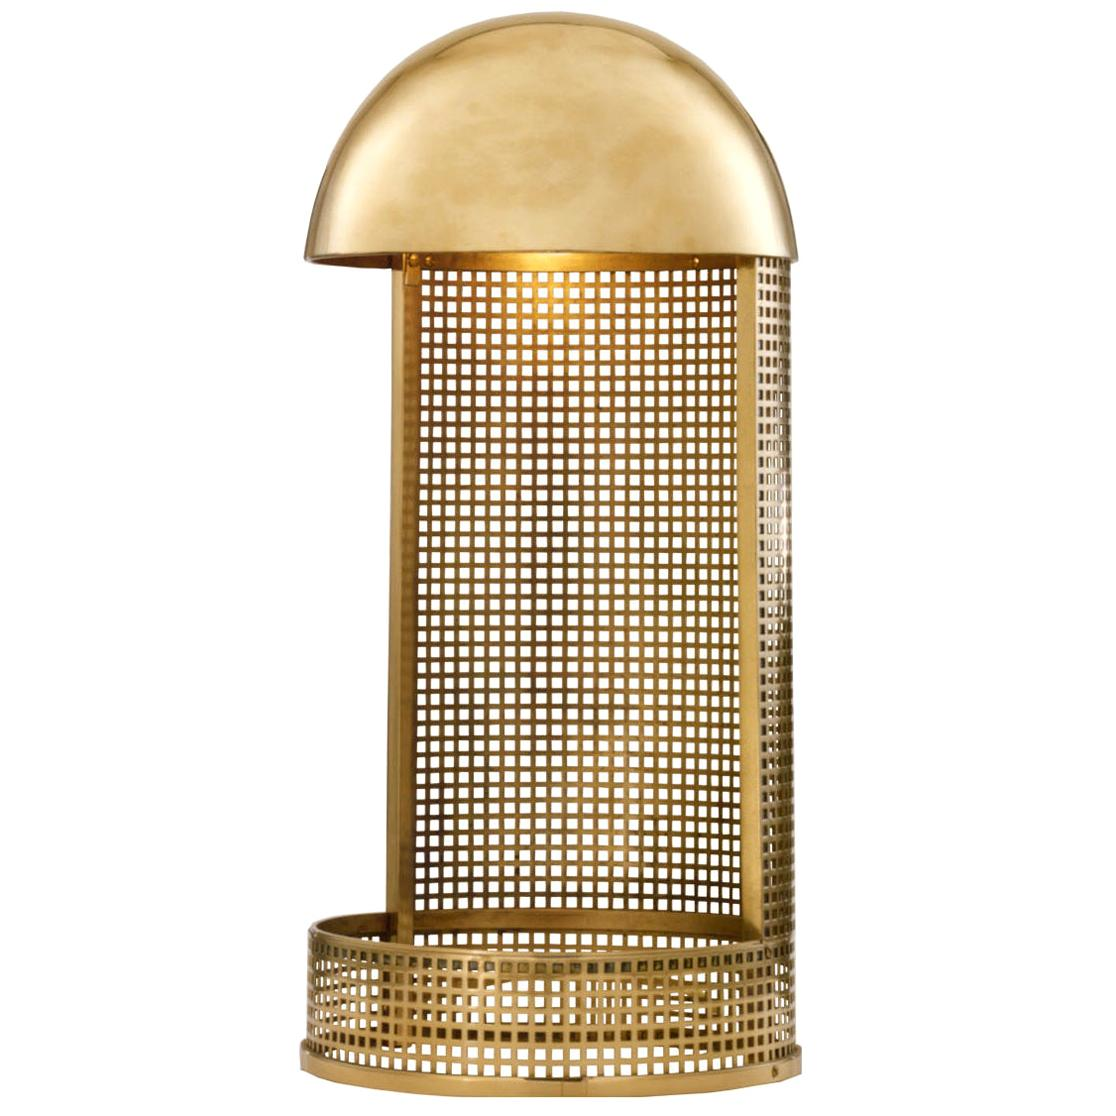 Koloman Moser/Wiener Werkstätte Brass Table Lamp, Re Edition